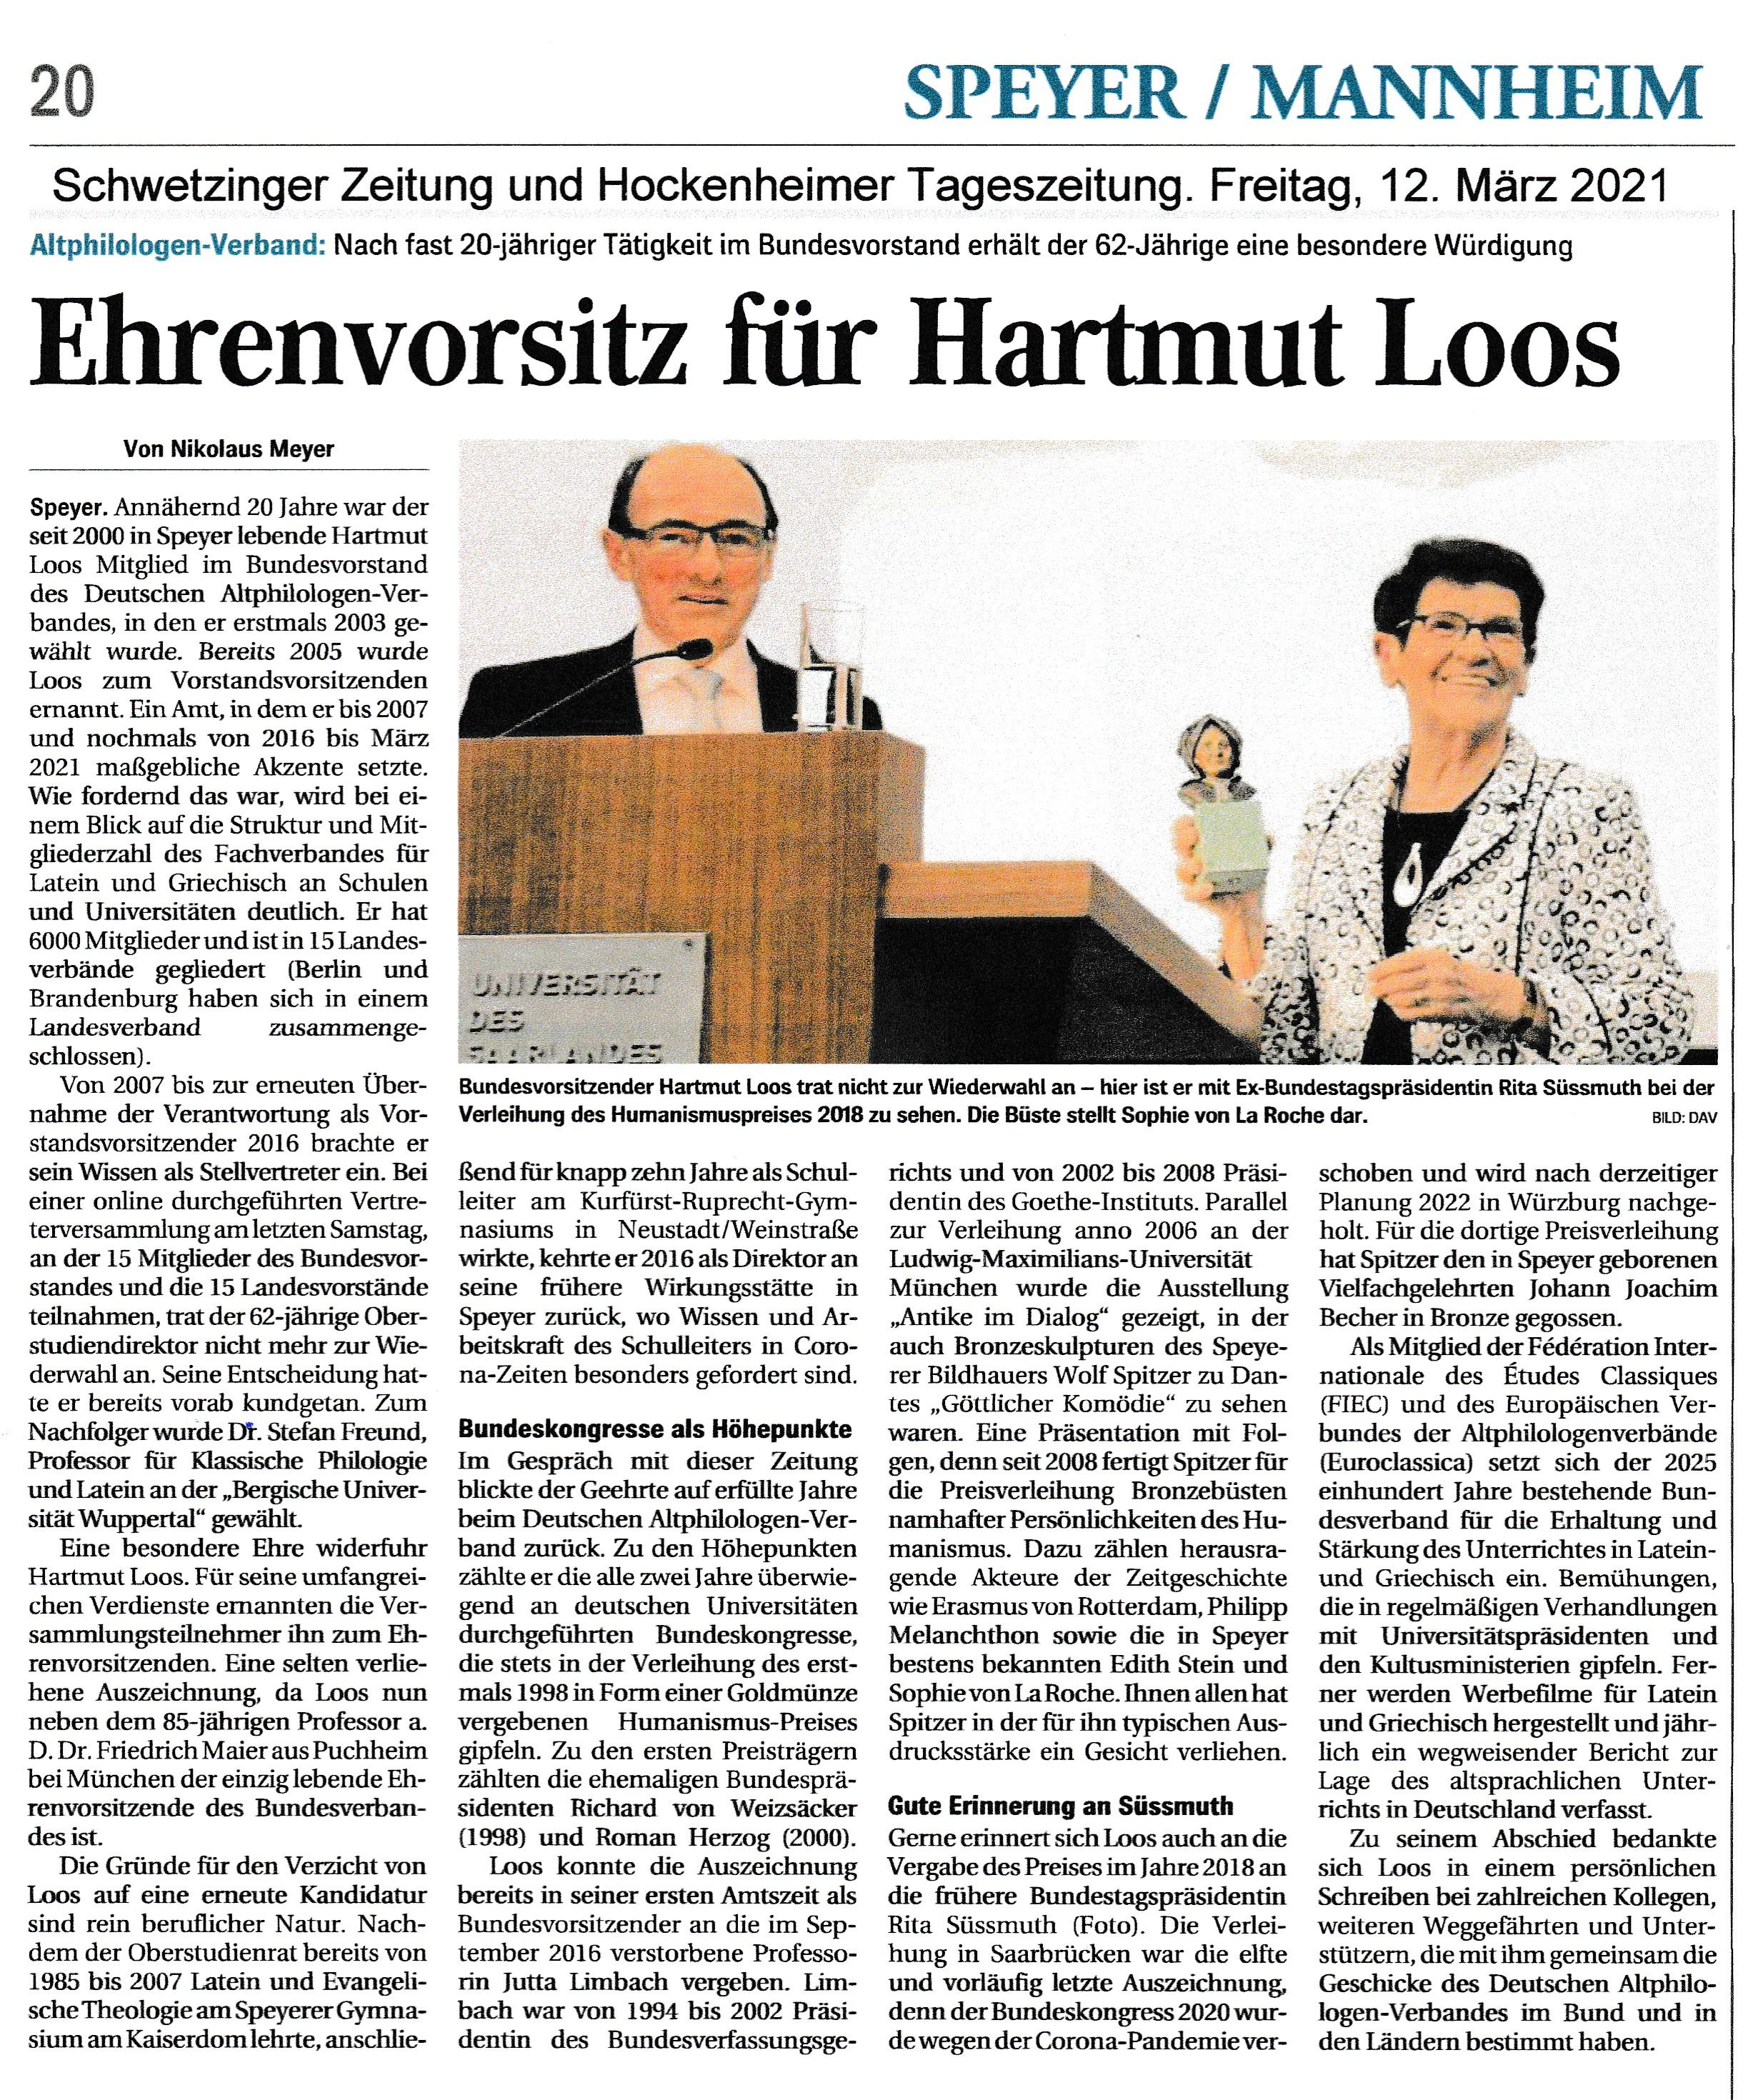 Hartmut-Loos-geehrt